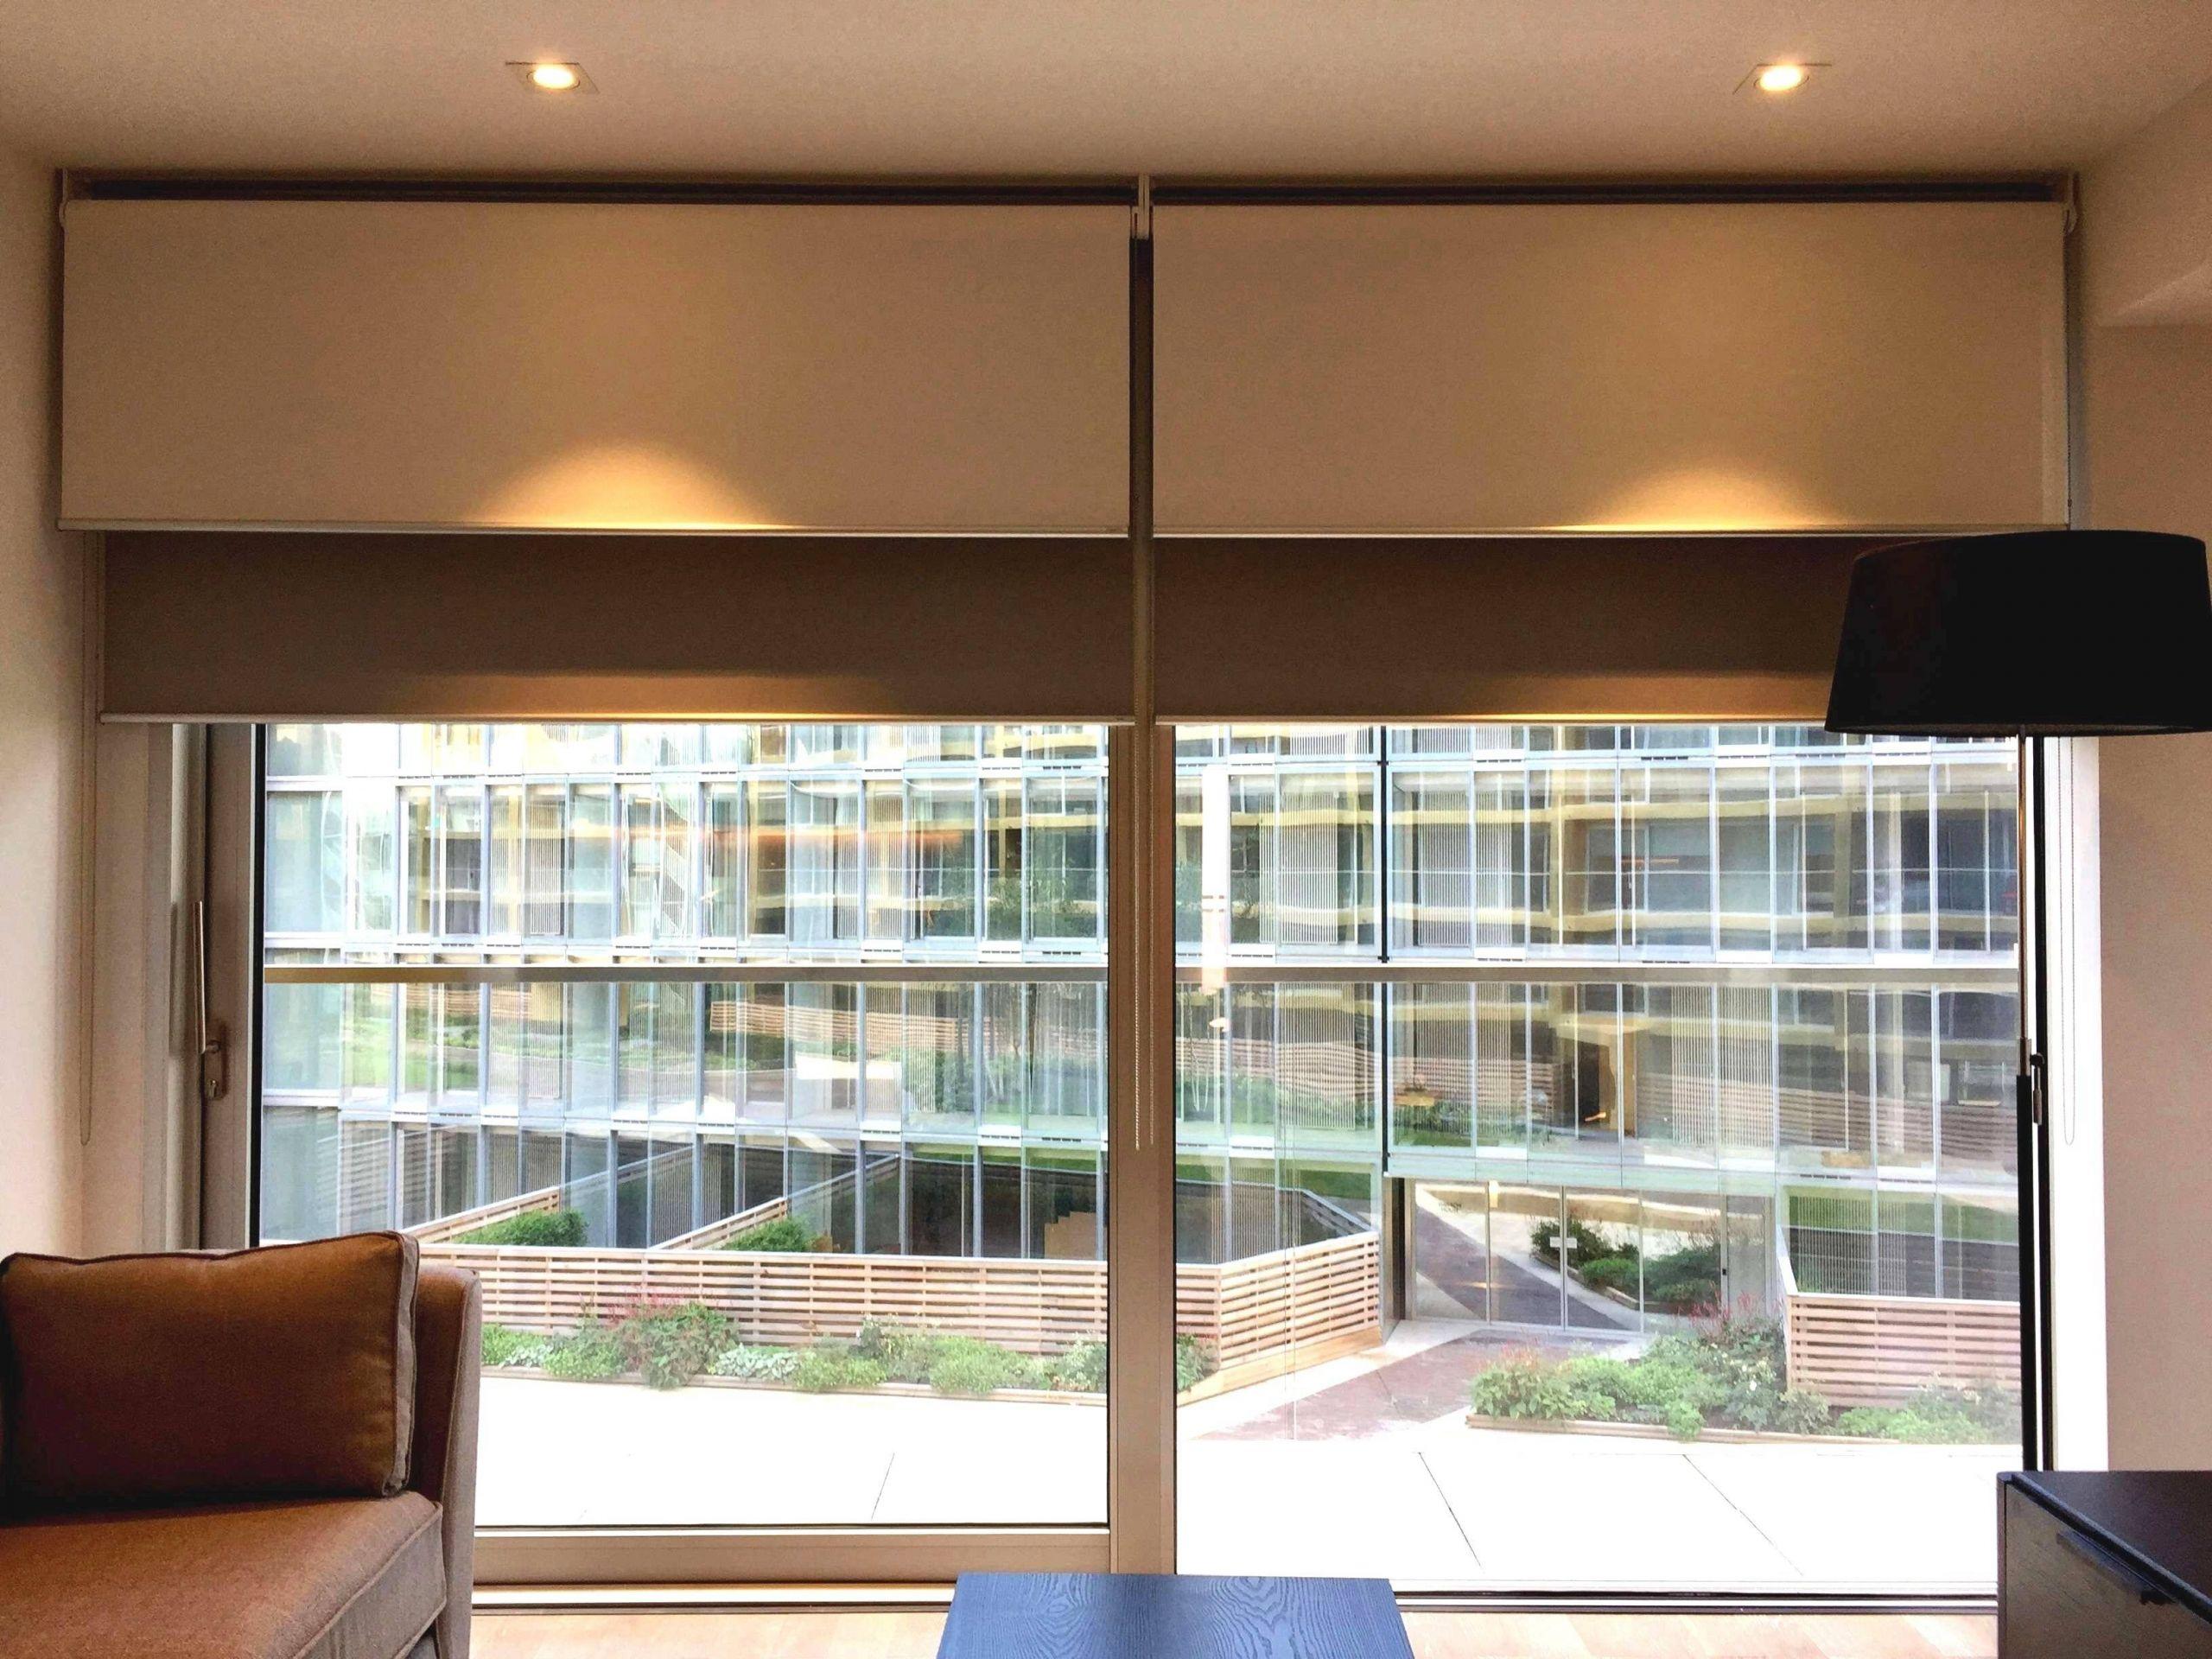 Außergewöhnliche Deko Frisch Luxus Wohnzimmer Regal Schiebetür Ideen